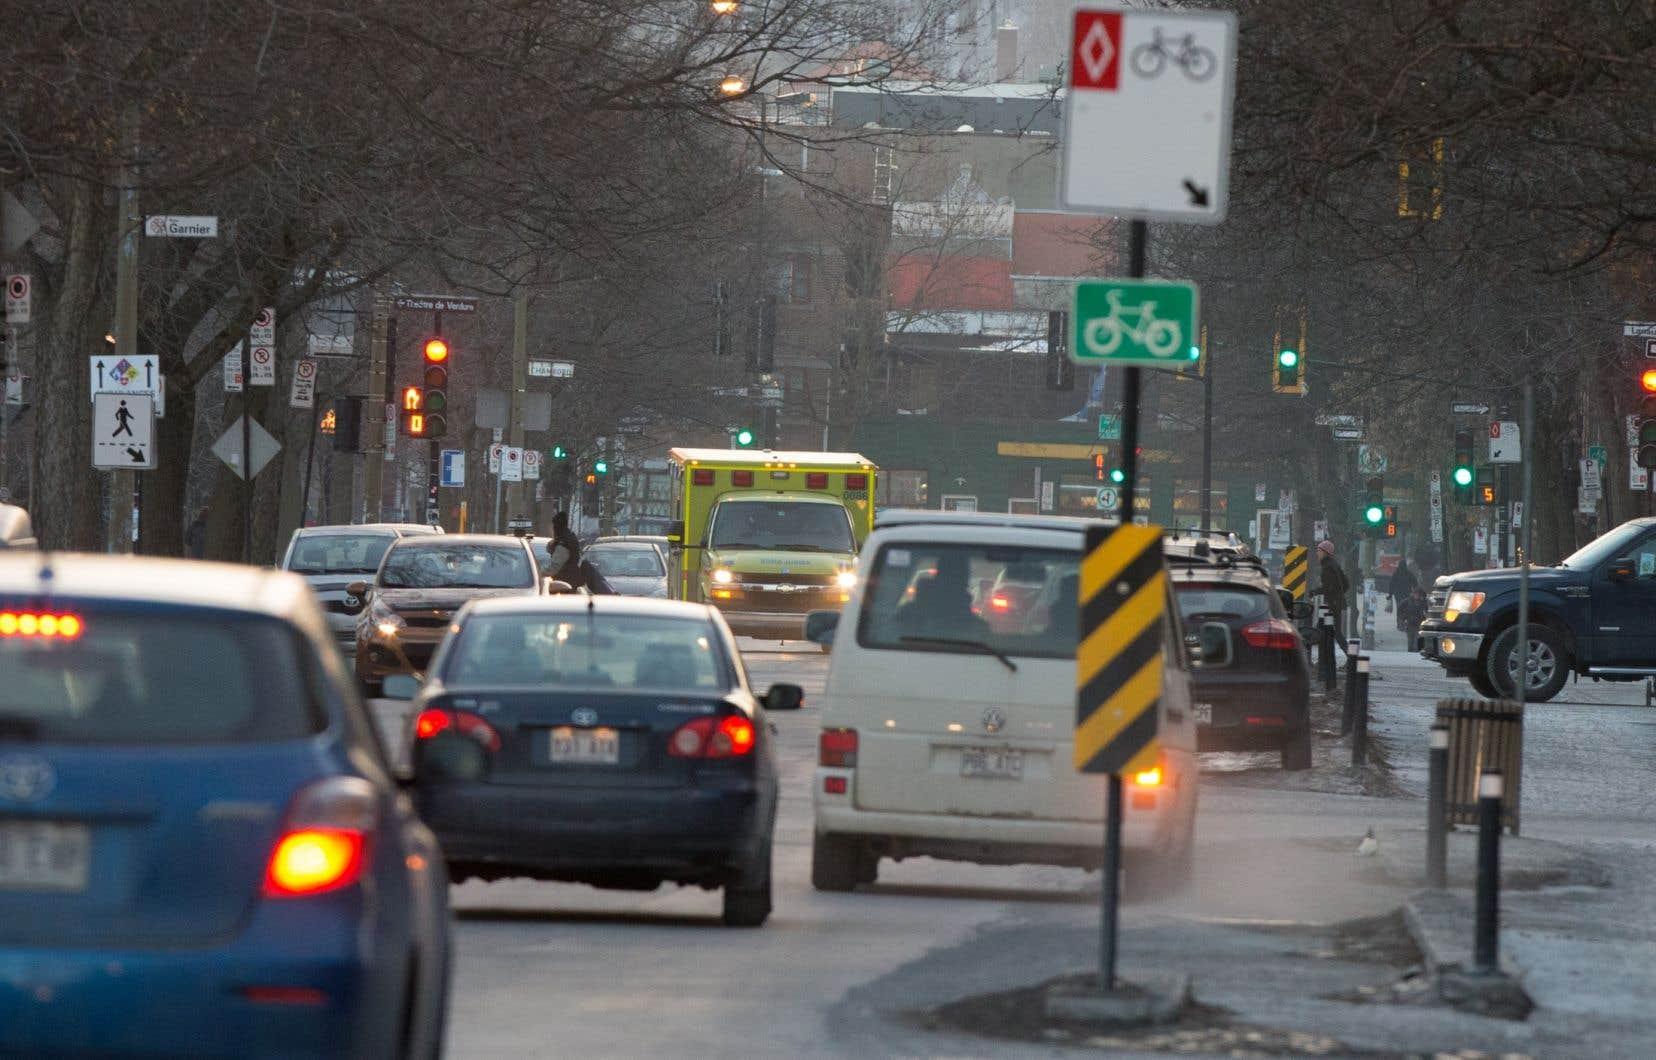 Le gouvernement de la CAQ rejette l'idée d'étendre aux banlieues de la métropole la taxe d'immatriculation de 45 $ déjà imposée aux automobilistes montréalais pour financer le transport en commun.